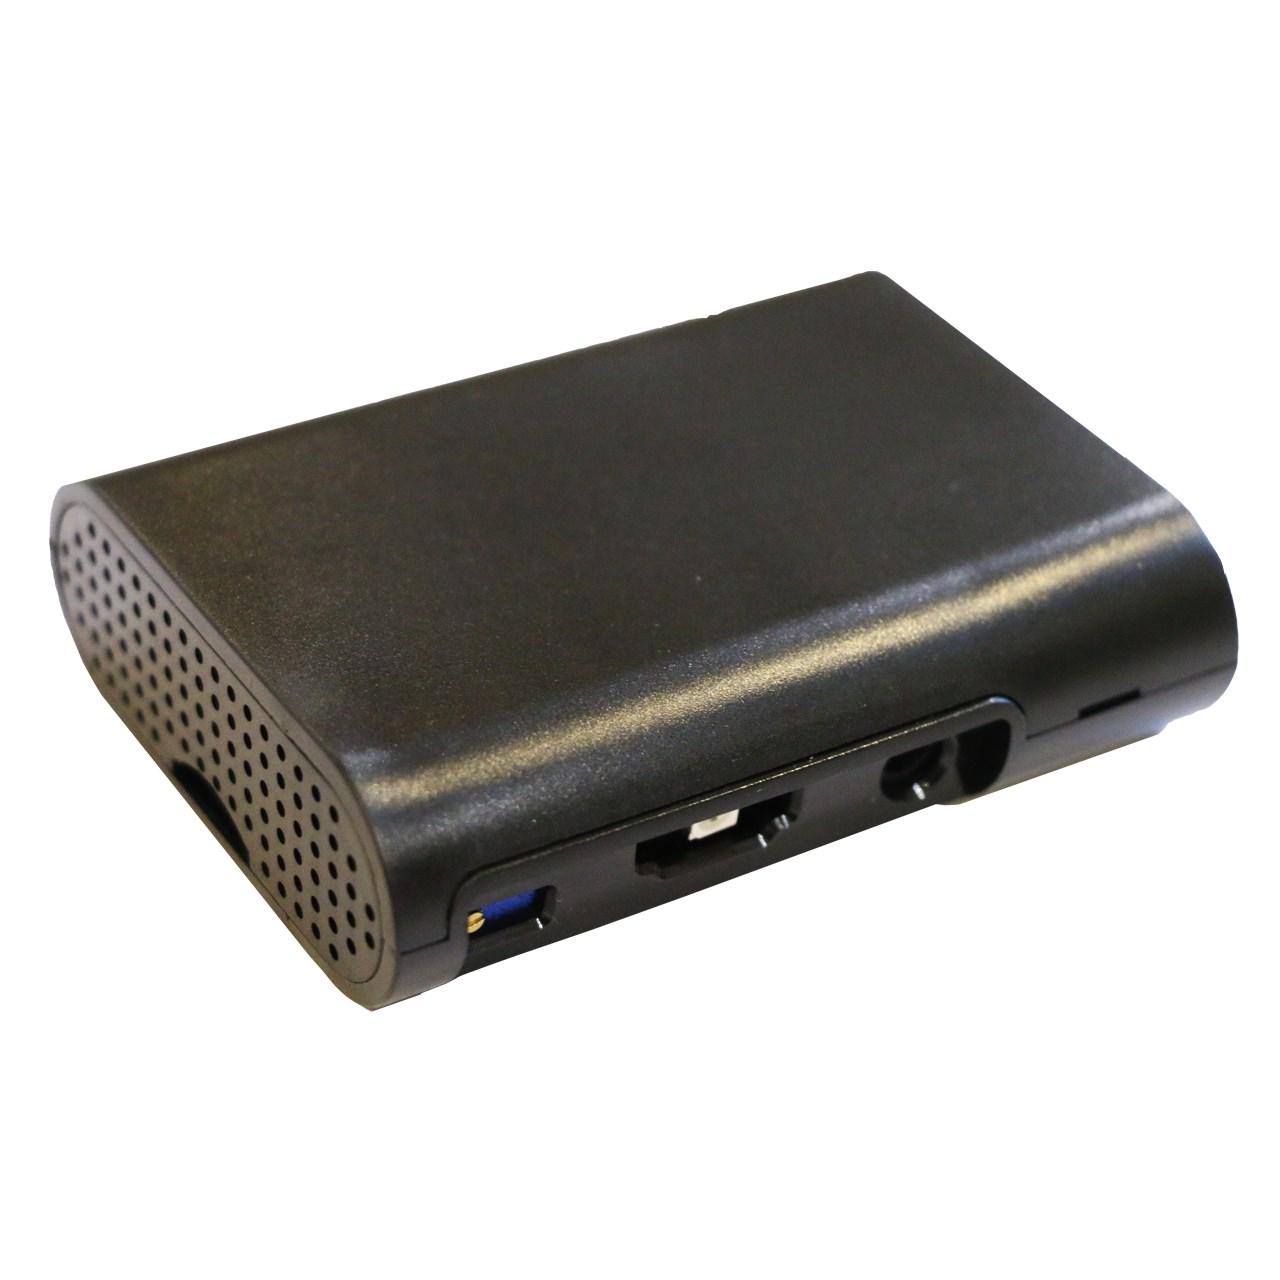 دستگاه زنگ اخطار هوشمند زلزله مدل xp7000